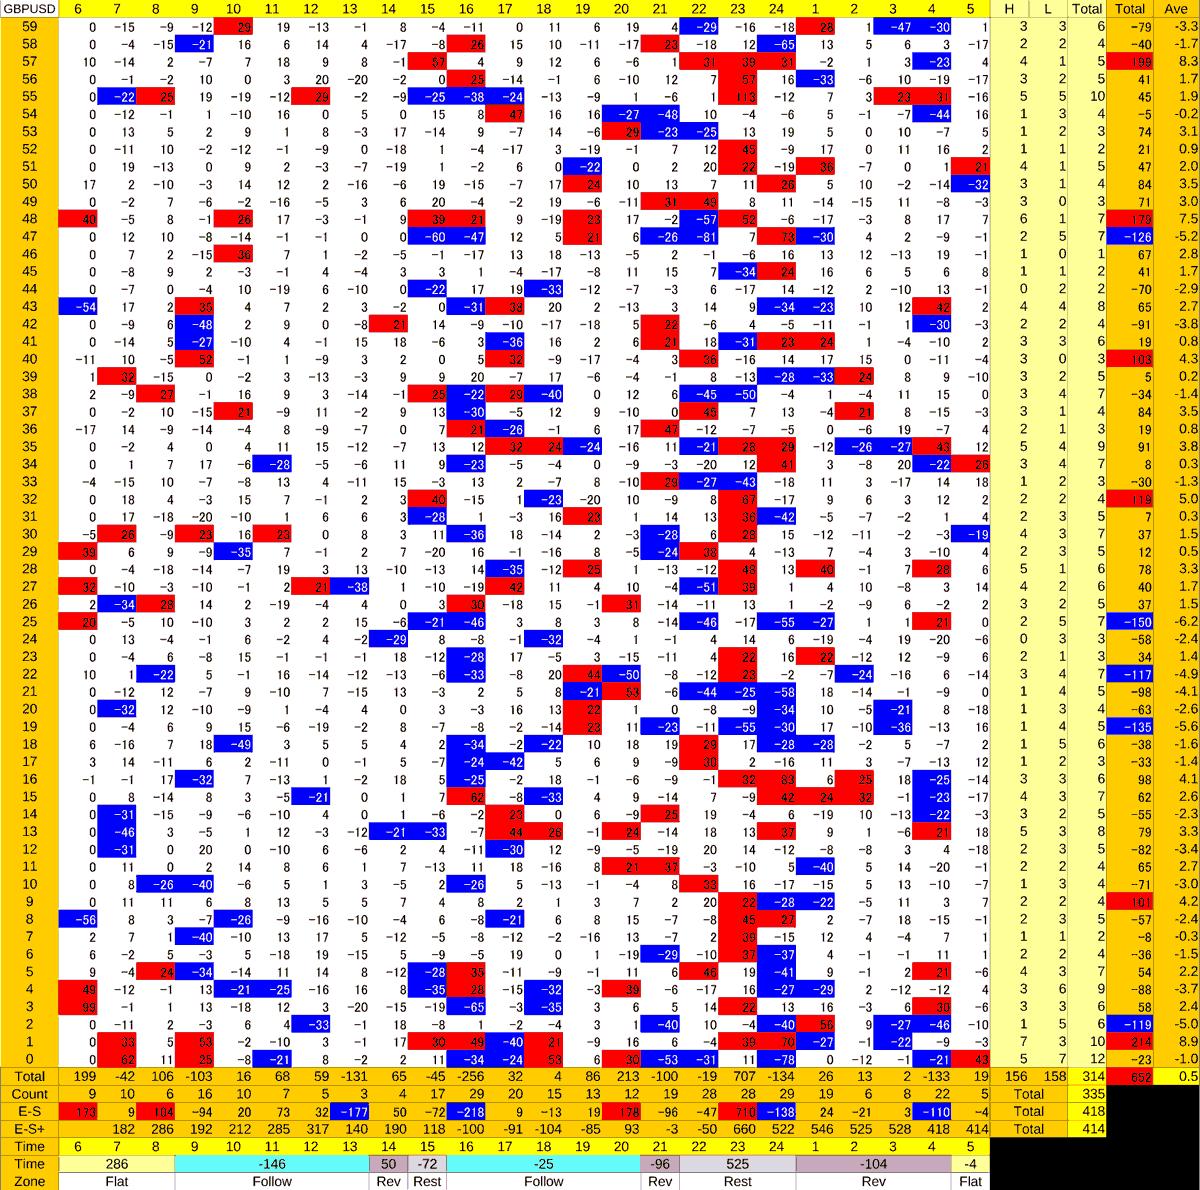 20200831_HS(2)GBPUSD